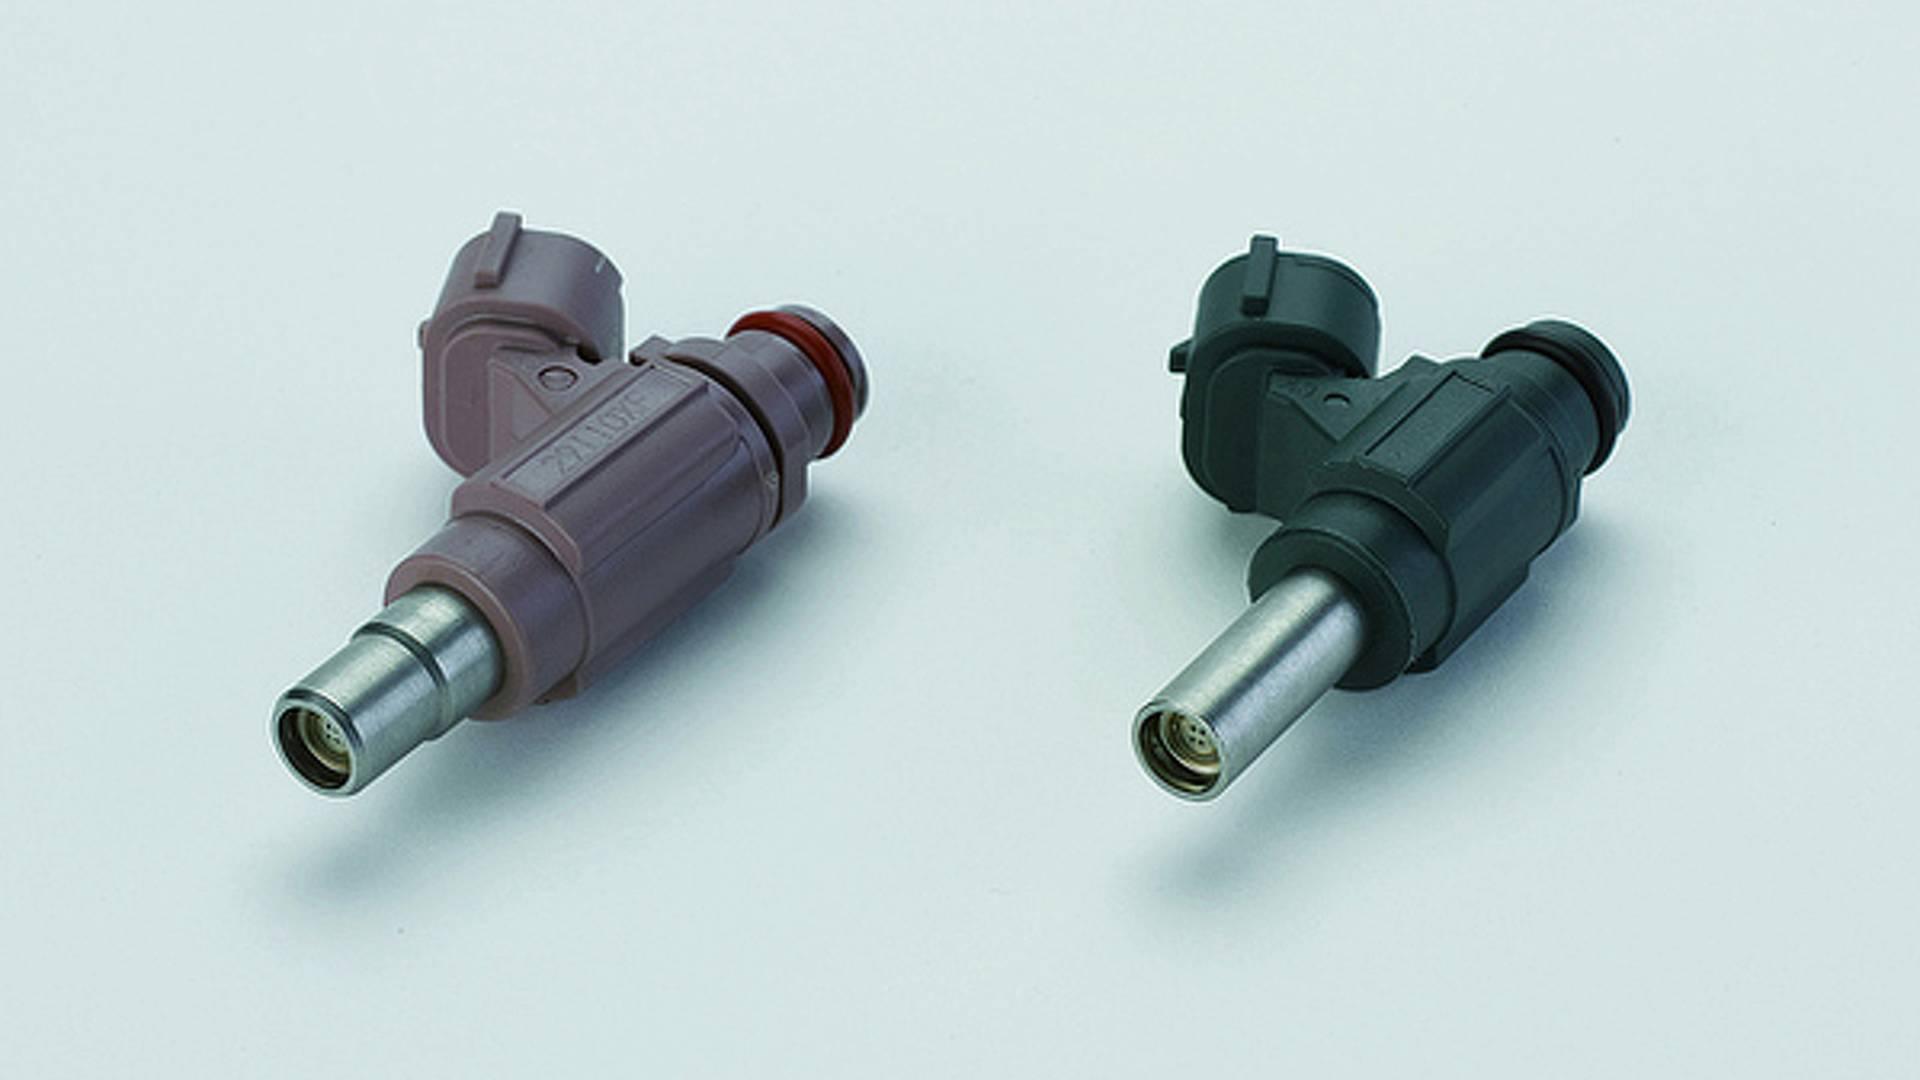 2012 Kawasaki Kx250 Dual Fuel Injectors Explained 2014 Kx250f Wiring Diagram